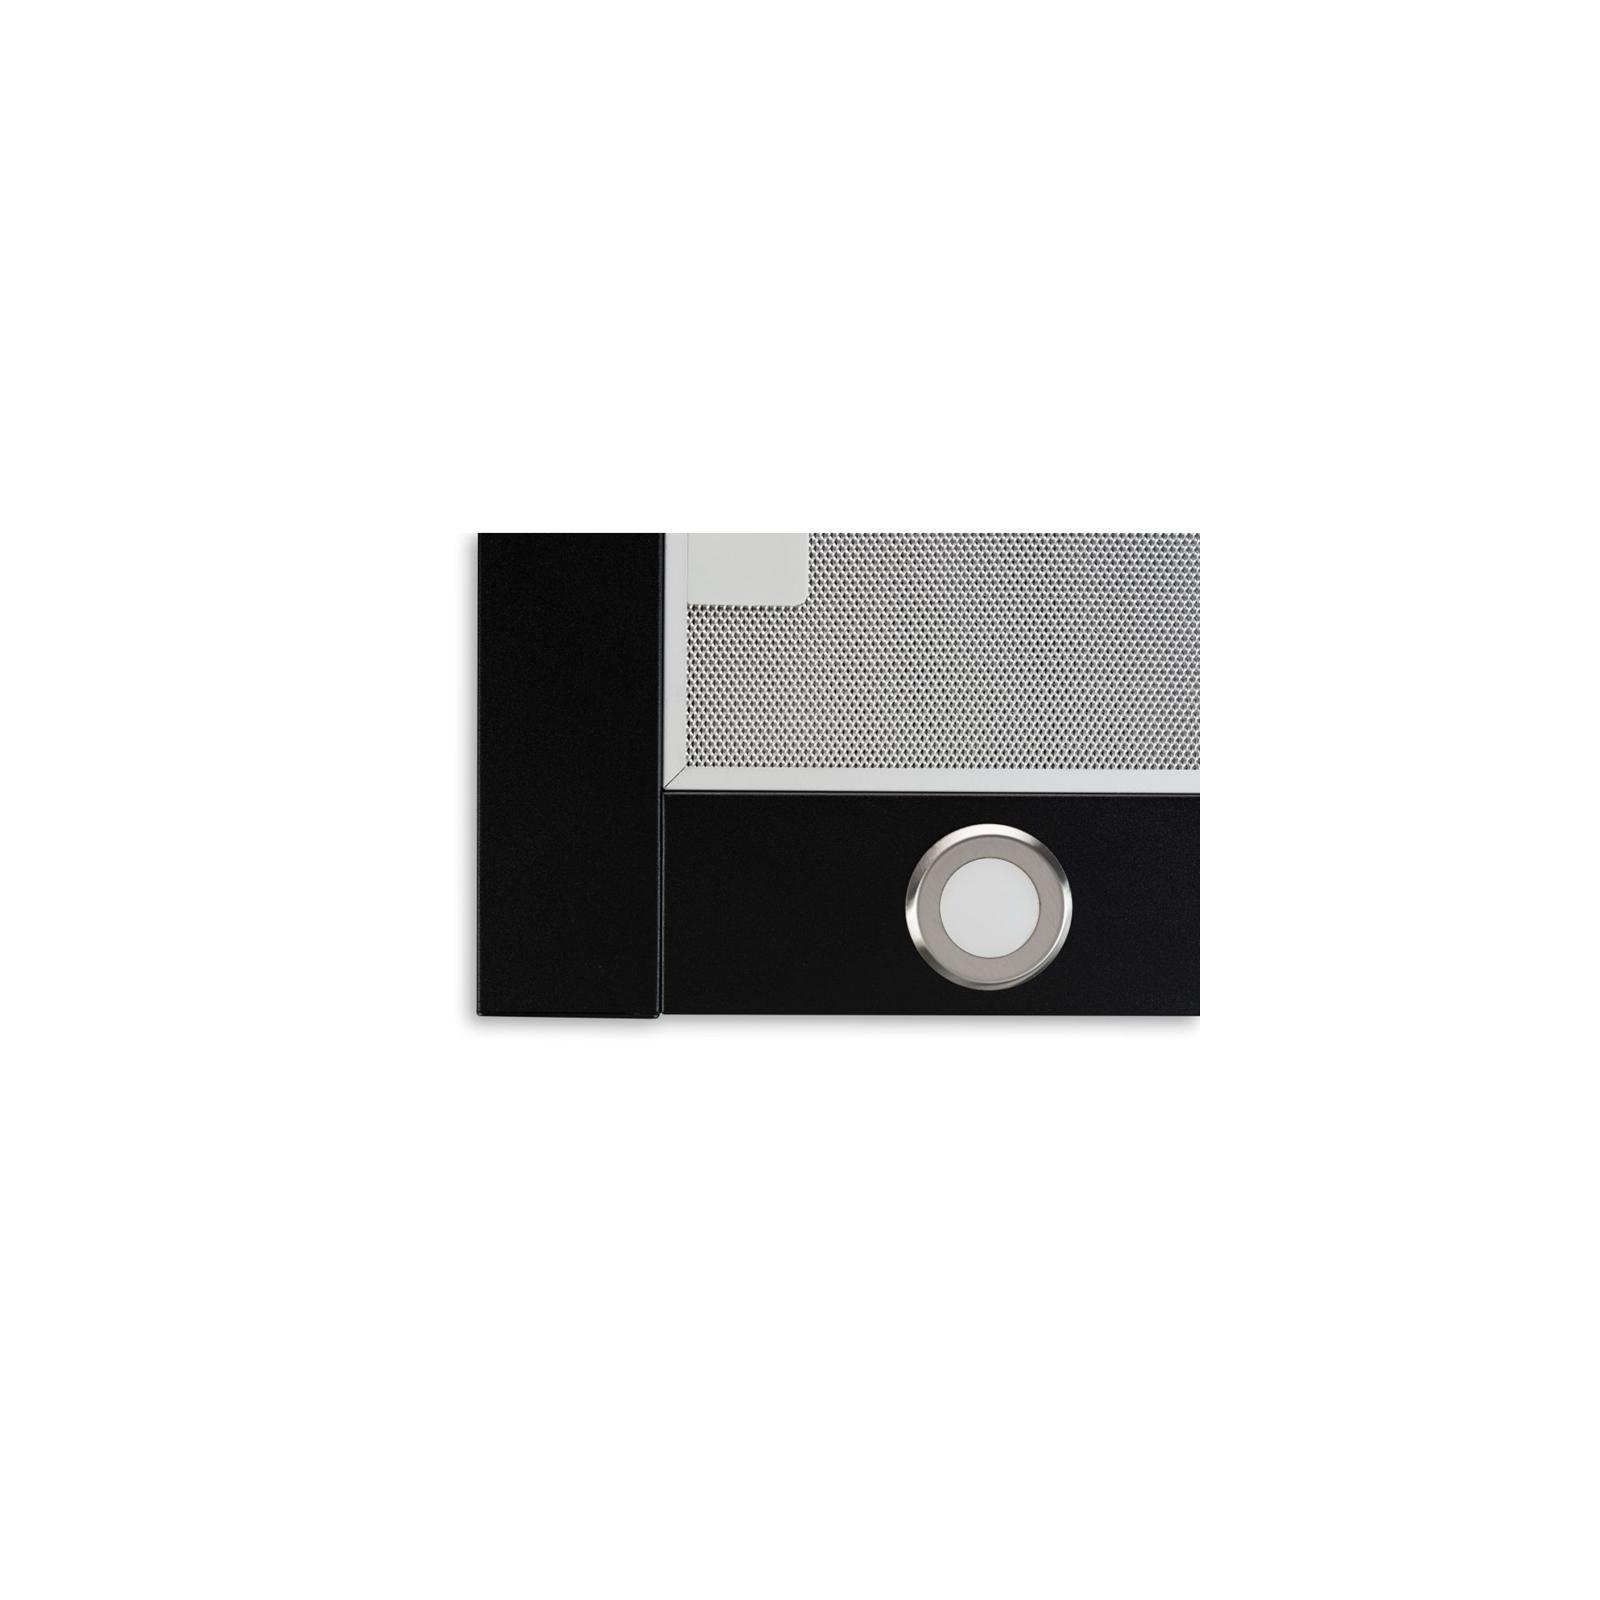 Вытяжка кухонная MINOLA HTL 6162 I/BL GLASS 650 LED изображение 7